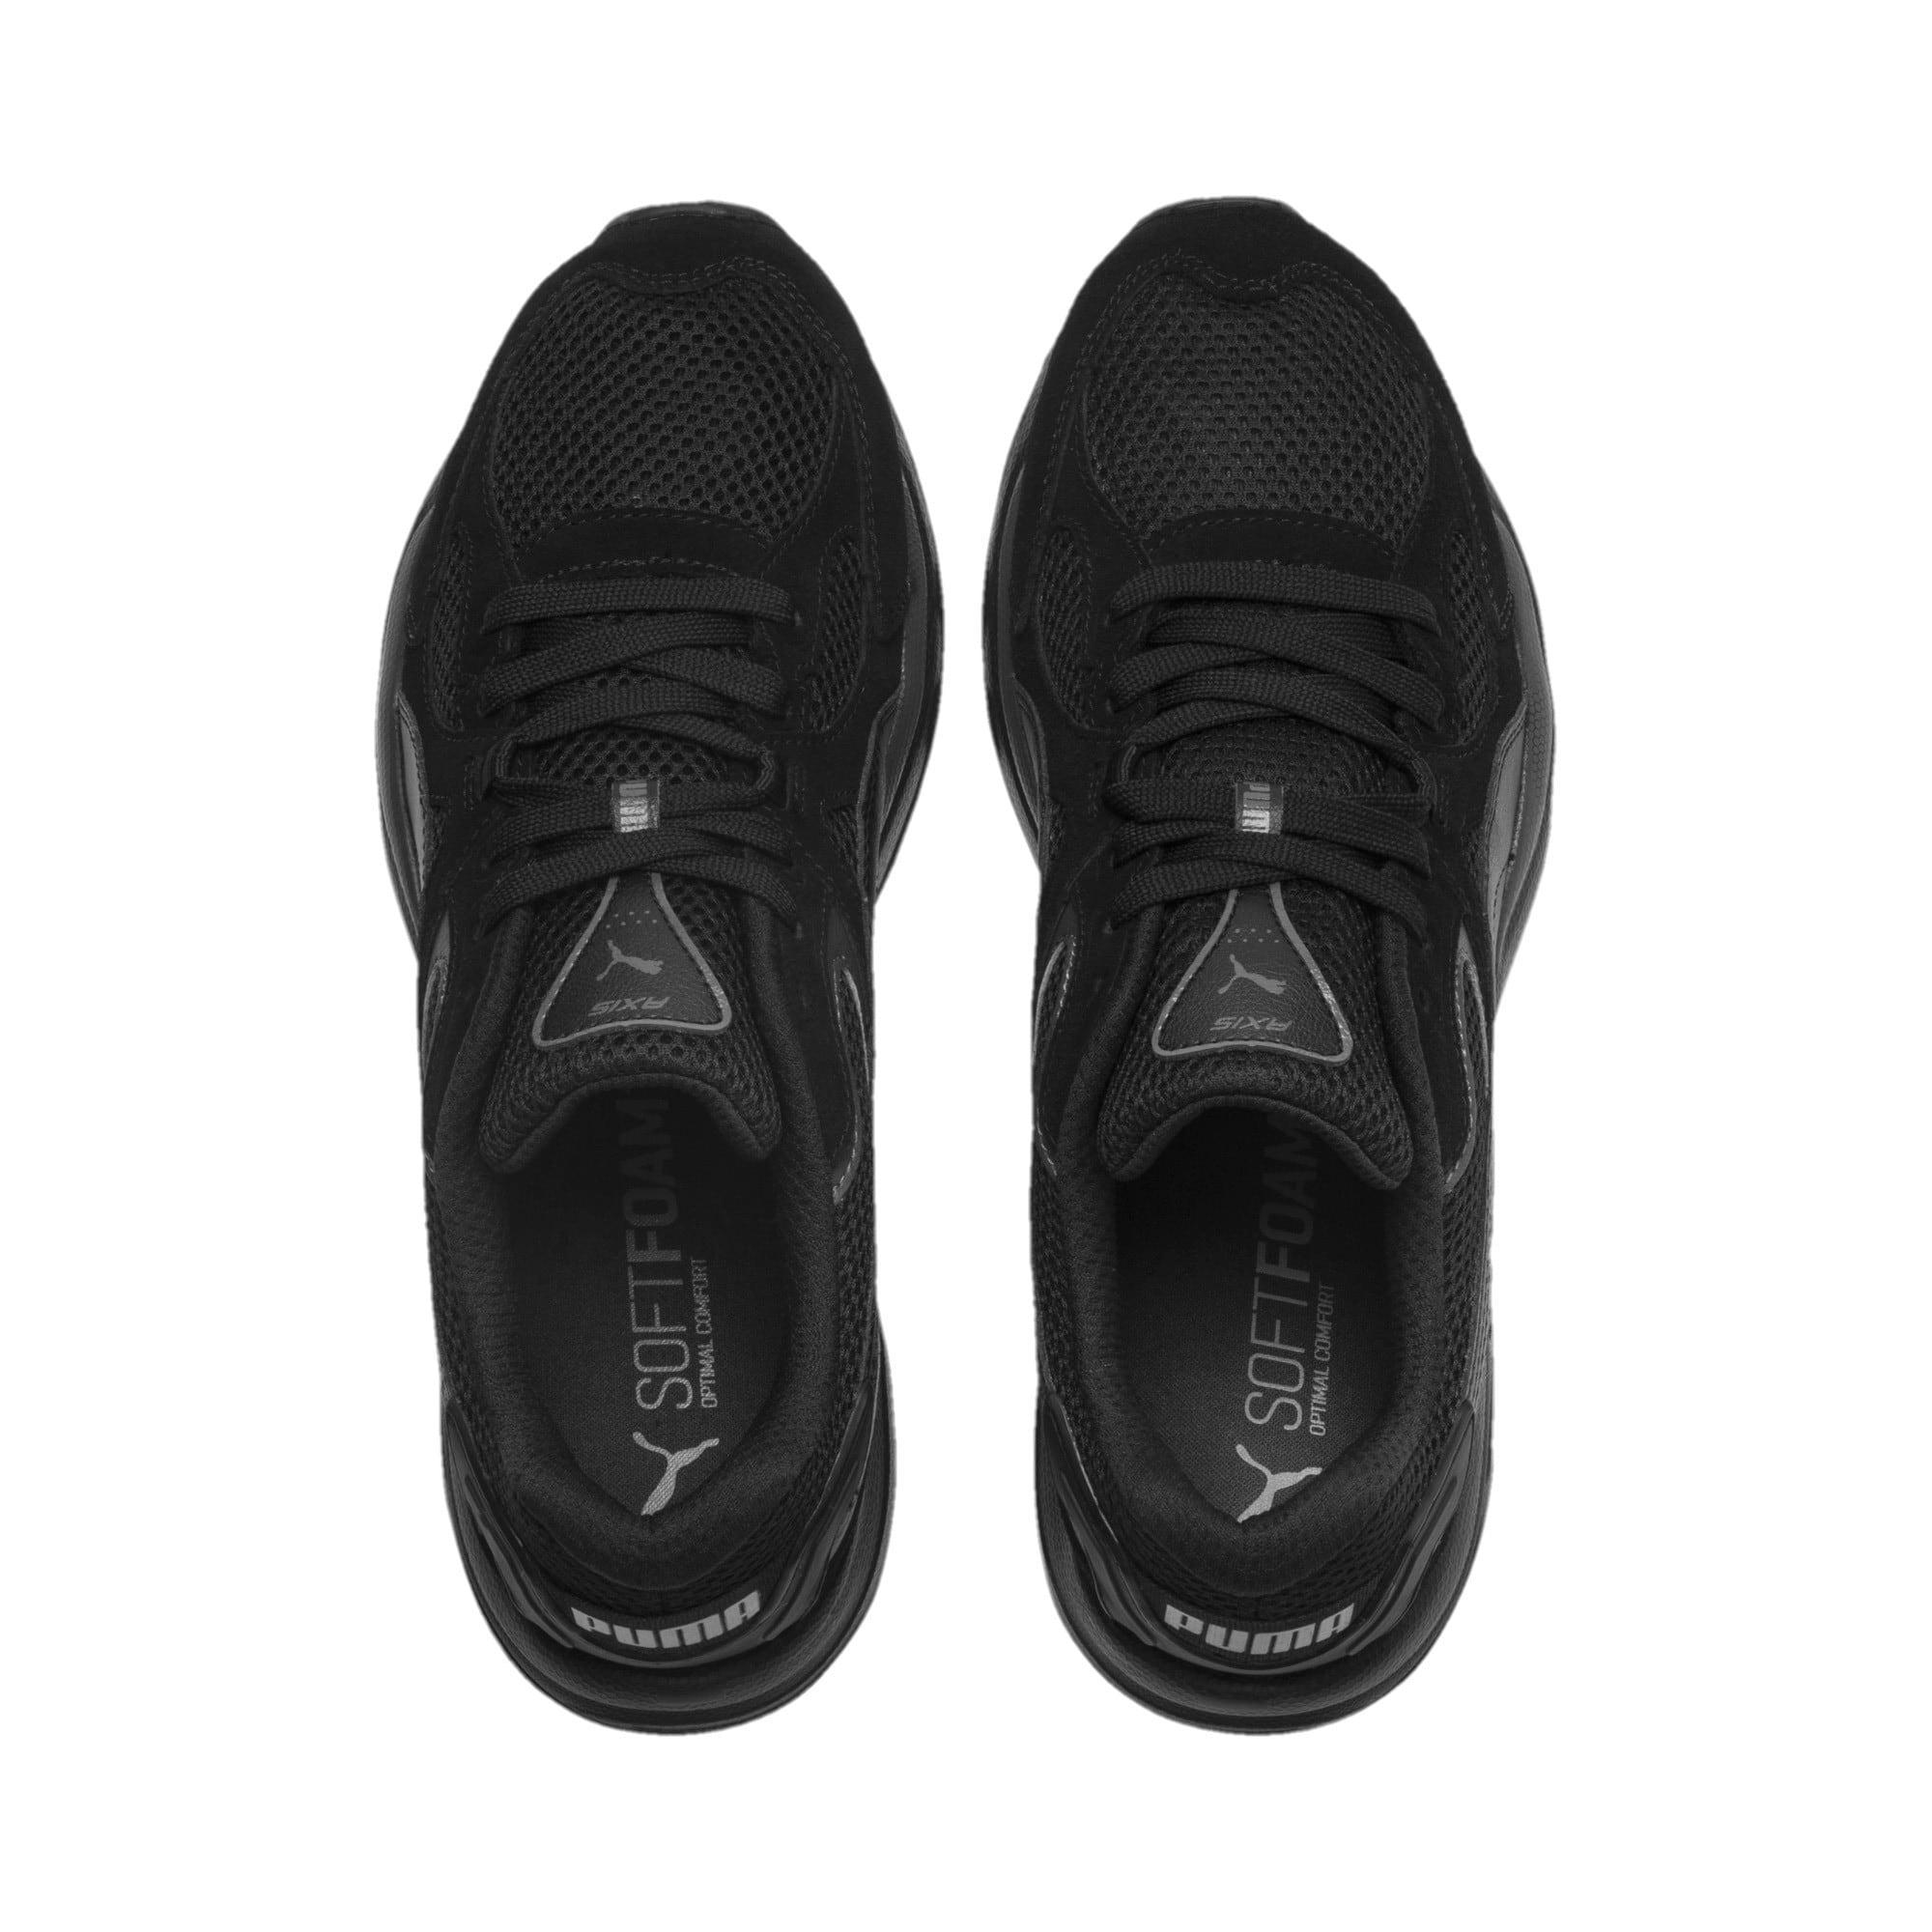 Miniatura 6 de Zapatos deportivos Axis Plus Suede, Black-Black-Asphalt, mediano